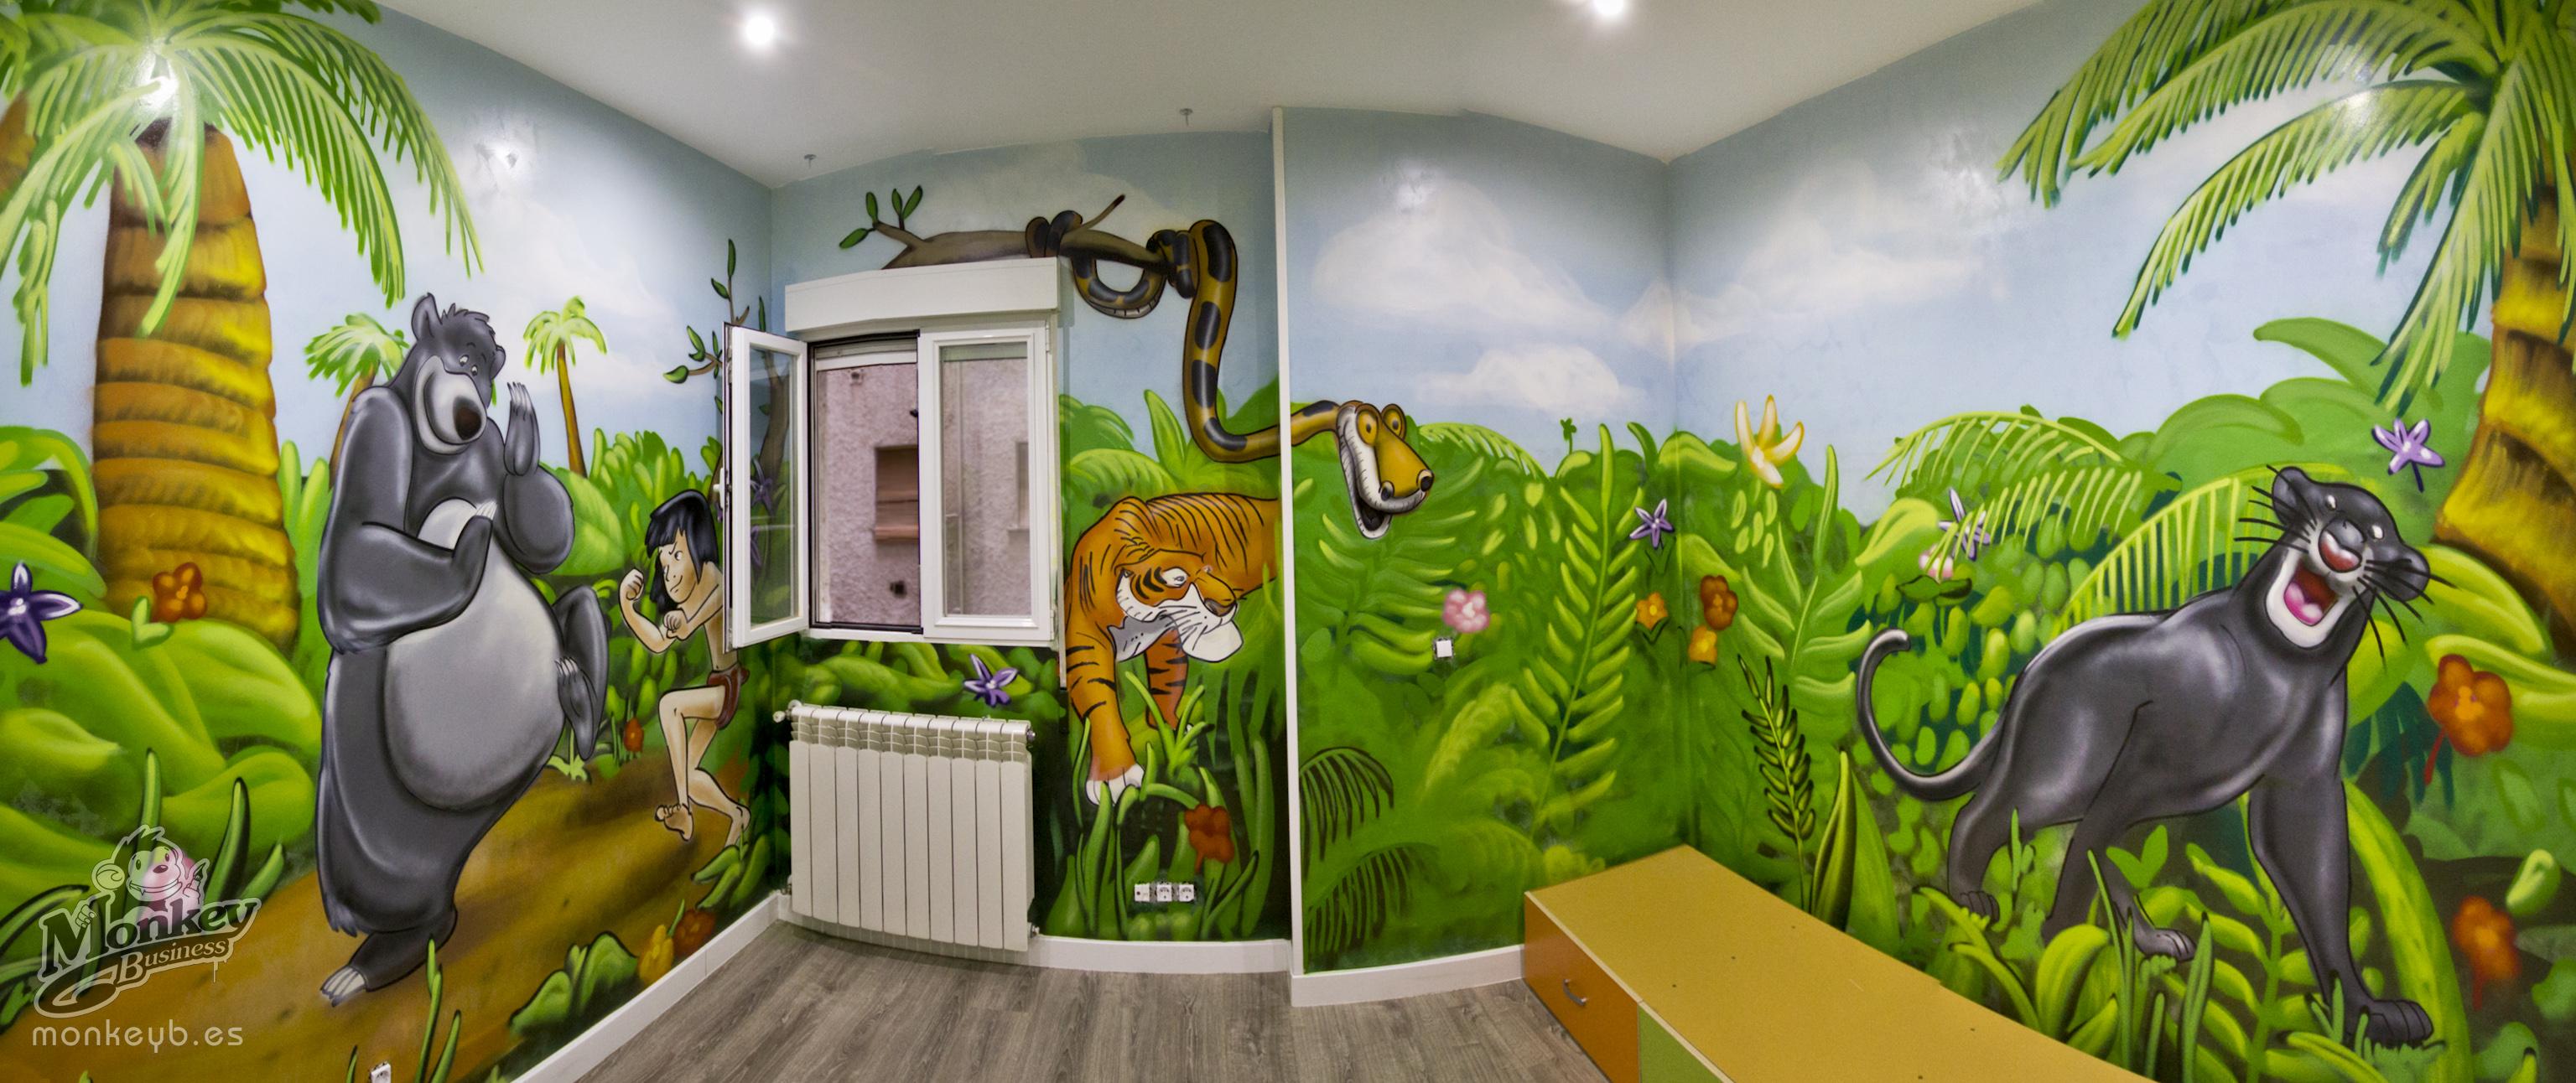 Murales Interiores graffiti y decoración